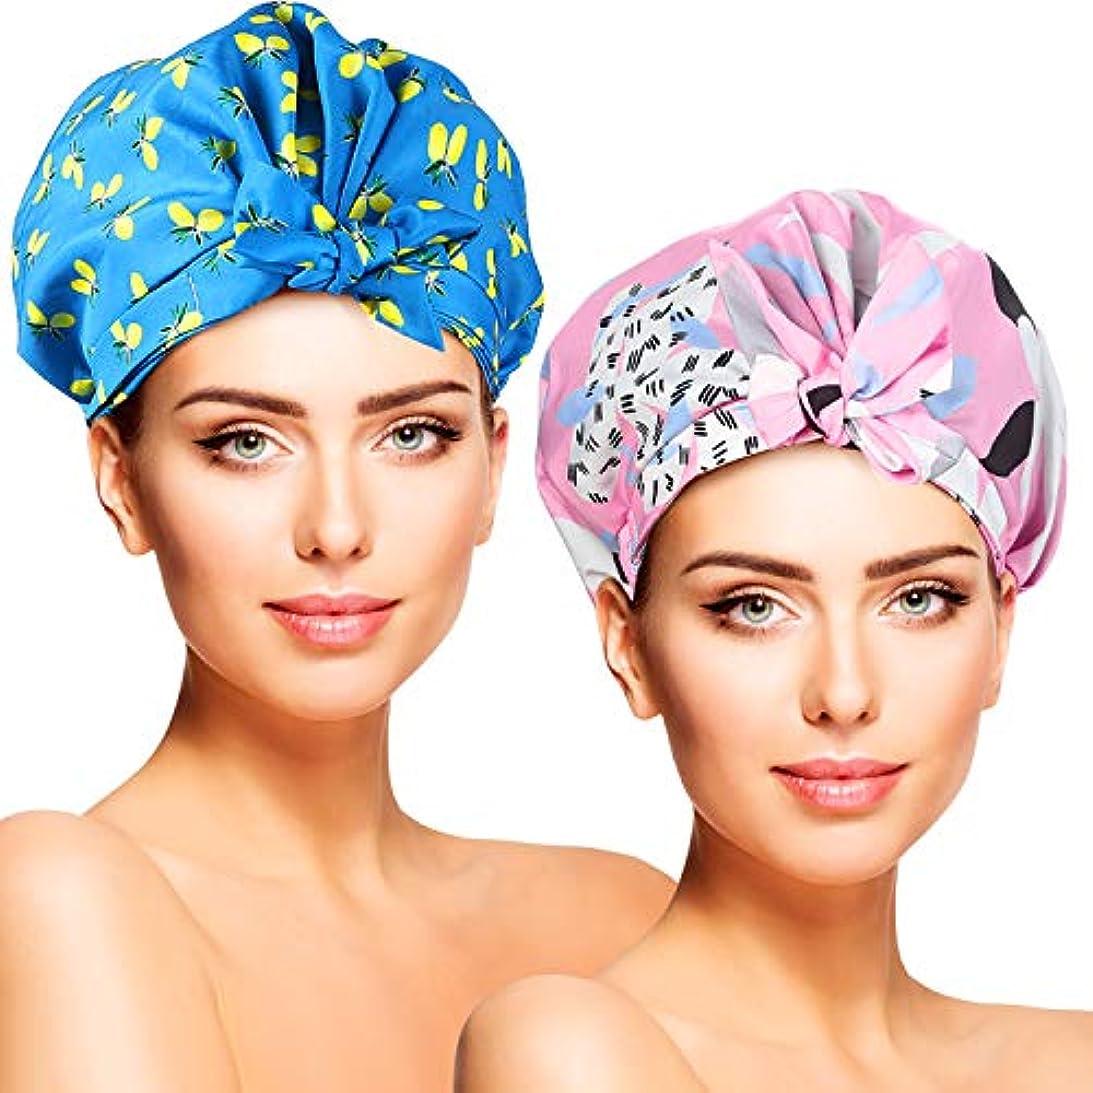 コテージ接辞工業化するYISUN シャワーキャップ 2枚セット 二重層防水 耐久性 抗菌性 お風呂 シャワー SPA 調理 洗顔用 多機能 実用性 男女兼用